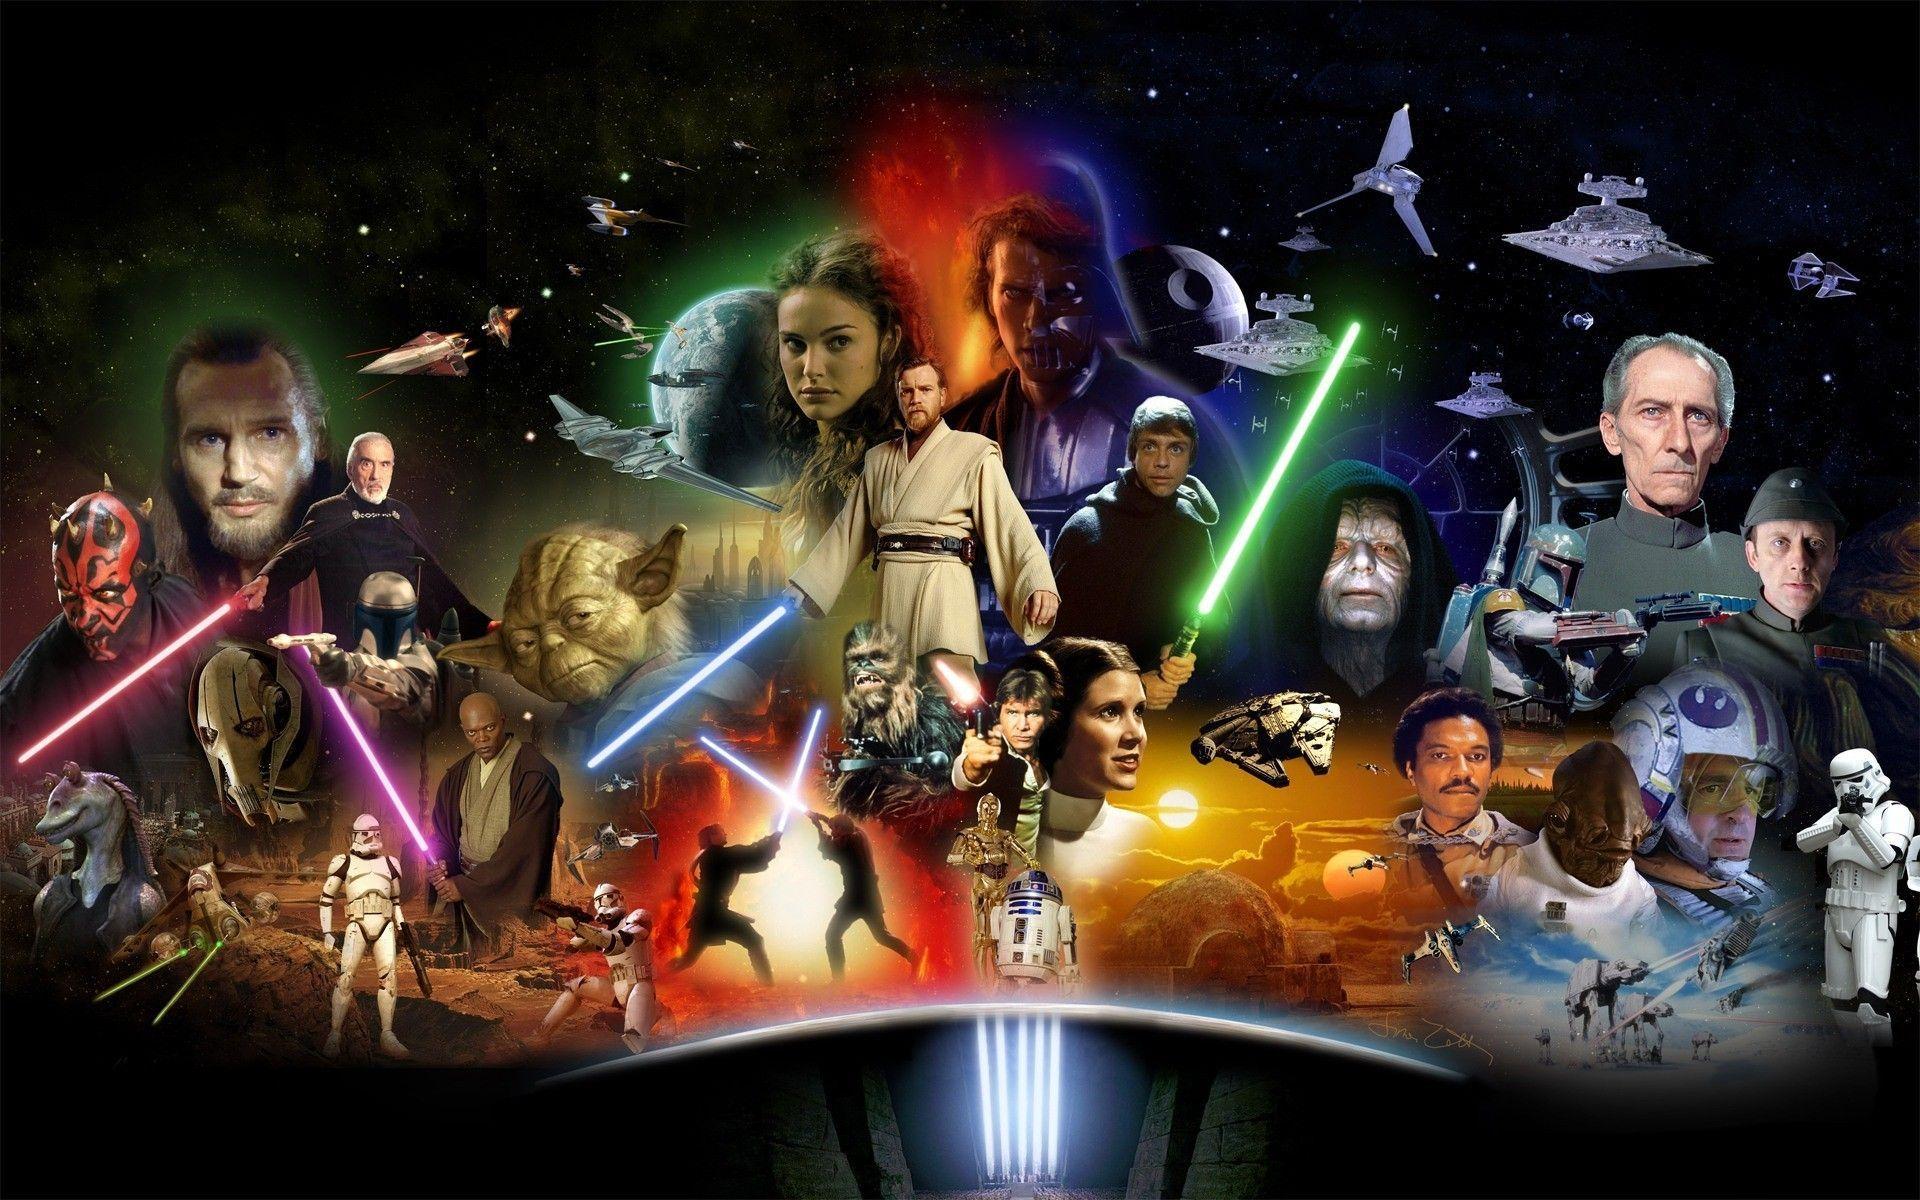 13312 - ¿Qué rol en Star Wars desempeñarías?